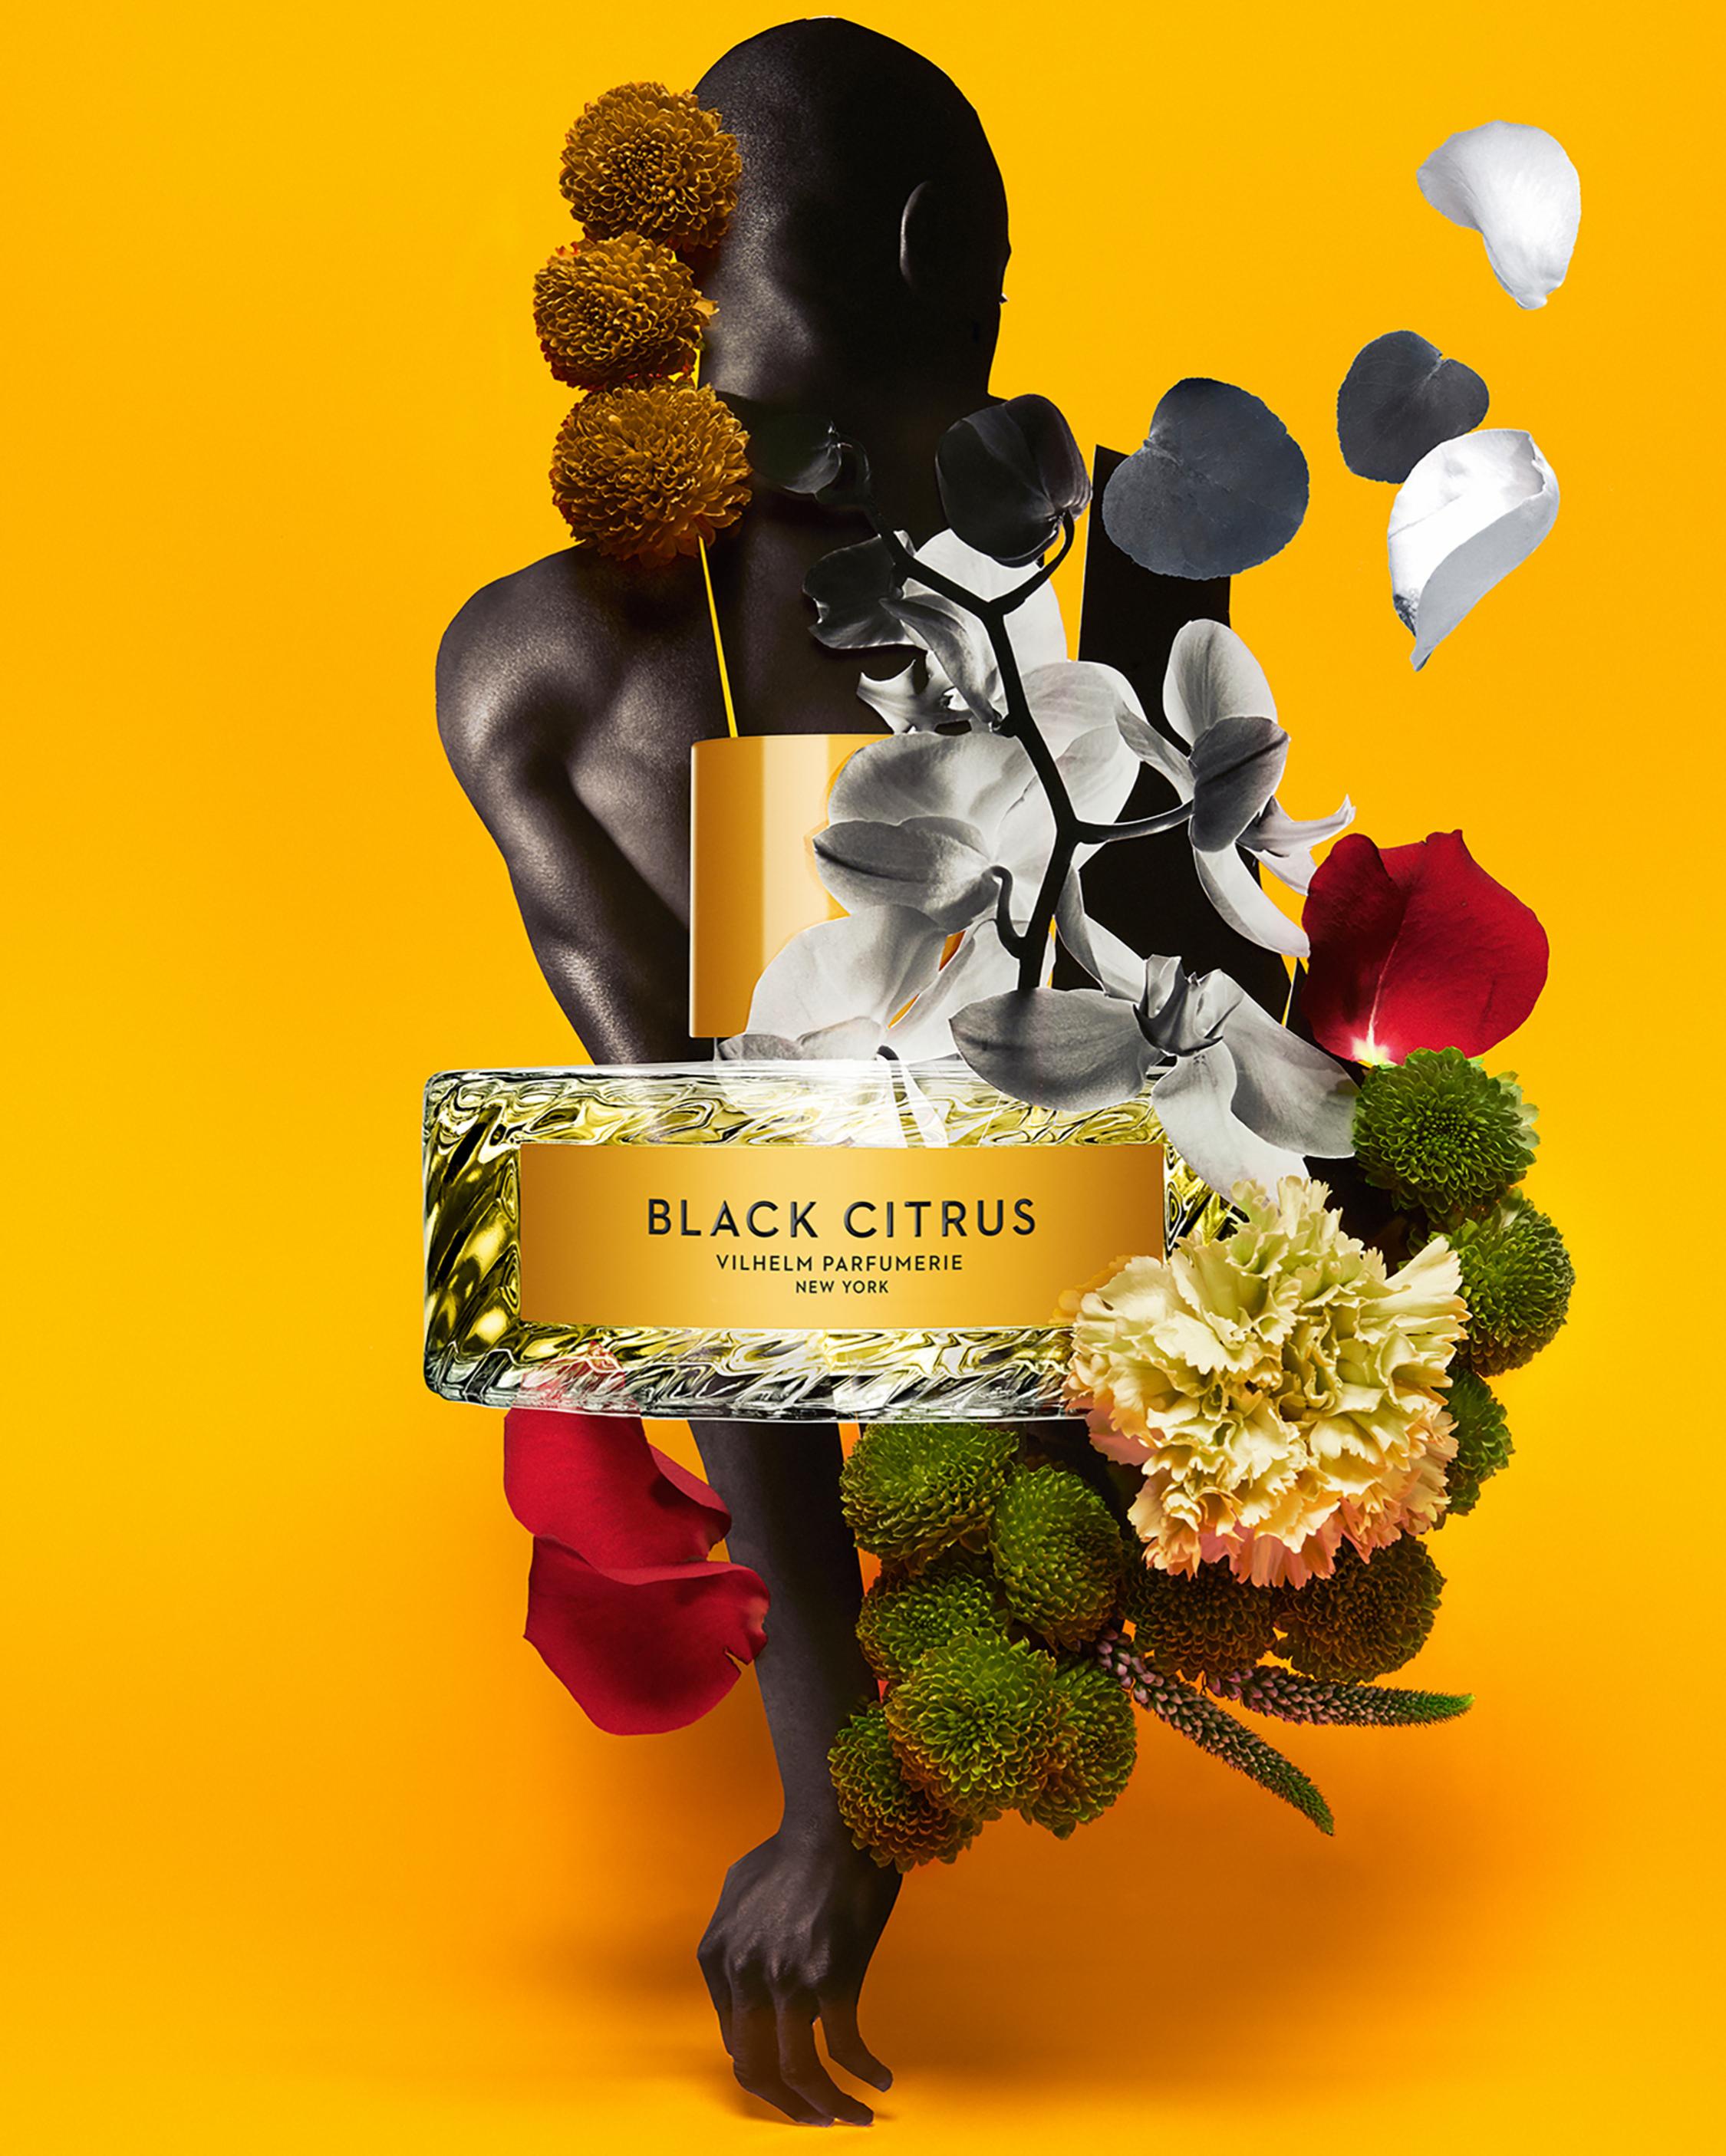 Vilhelm Perfumerie Black Citrus Eau de Parfum 50ml 1